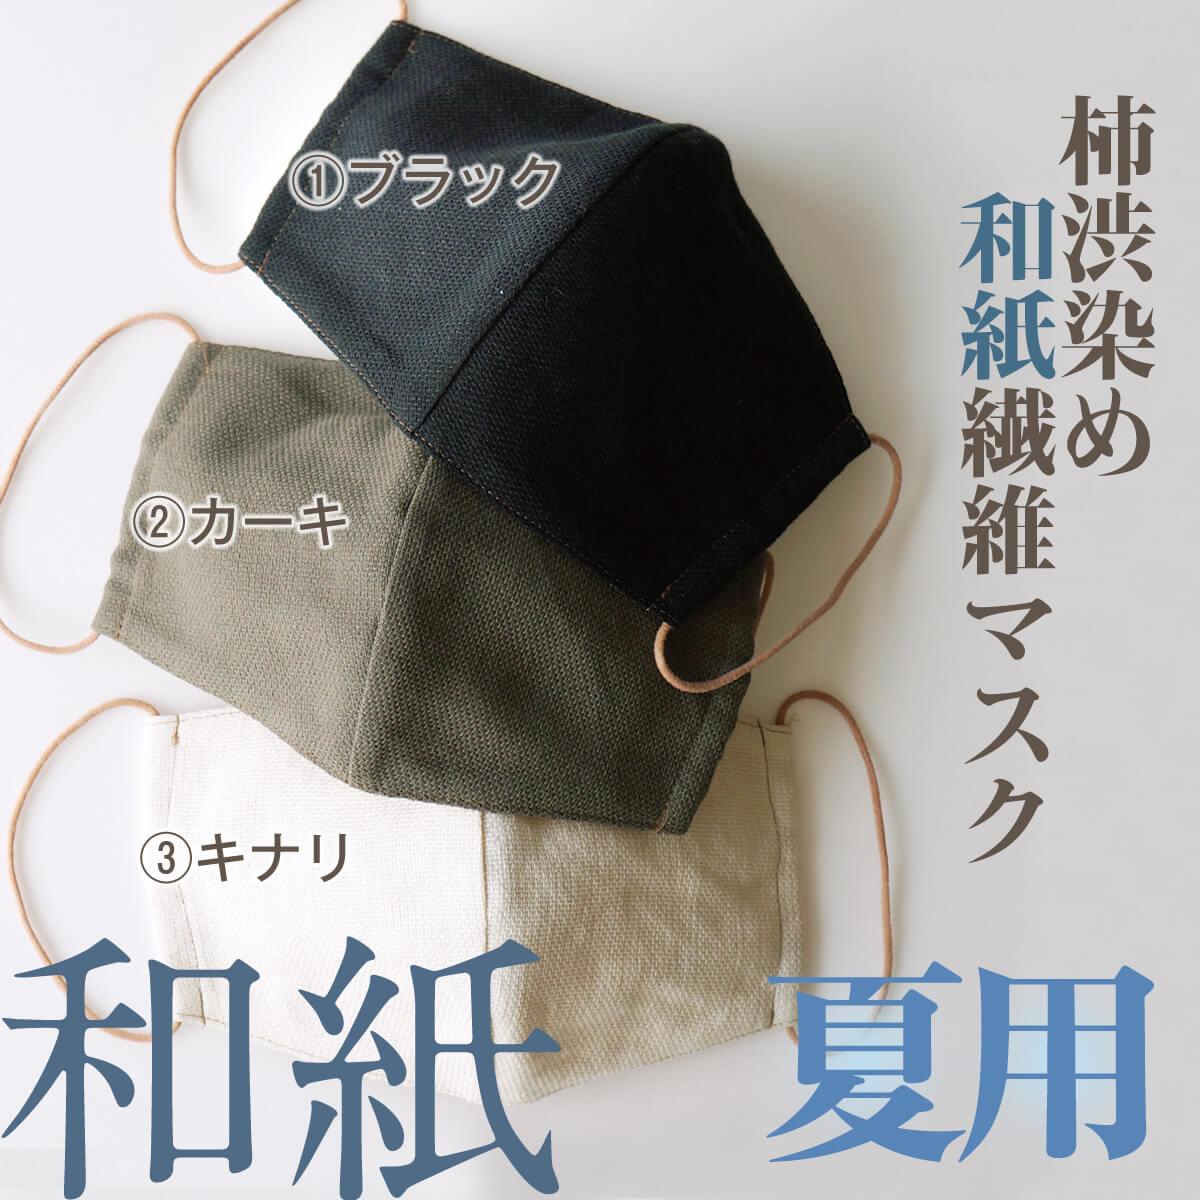 【夏用】柿渋染め洗える和紙マスク 立体タイプ